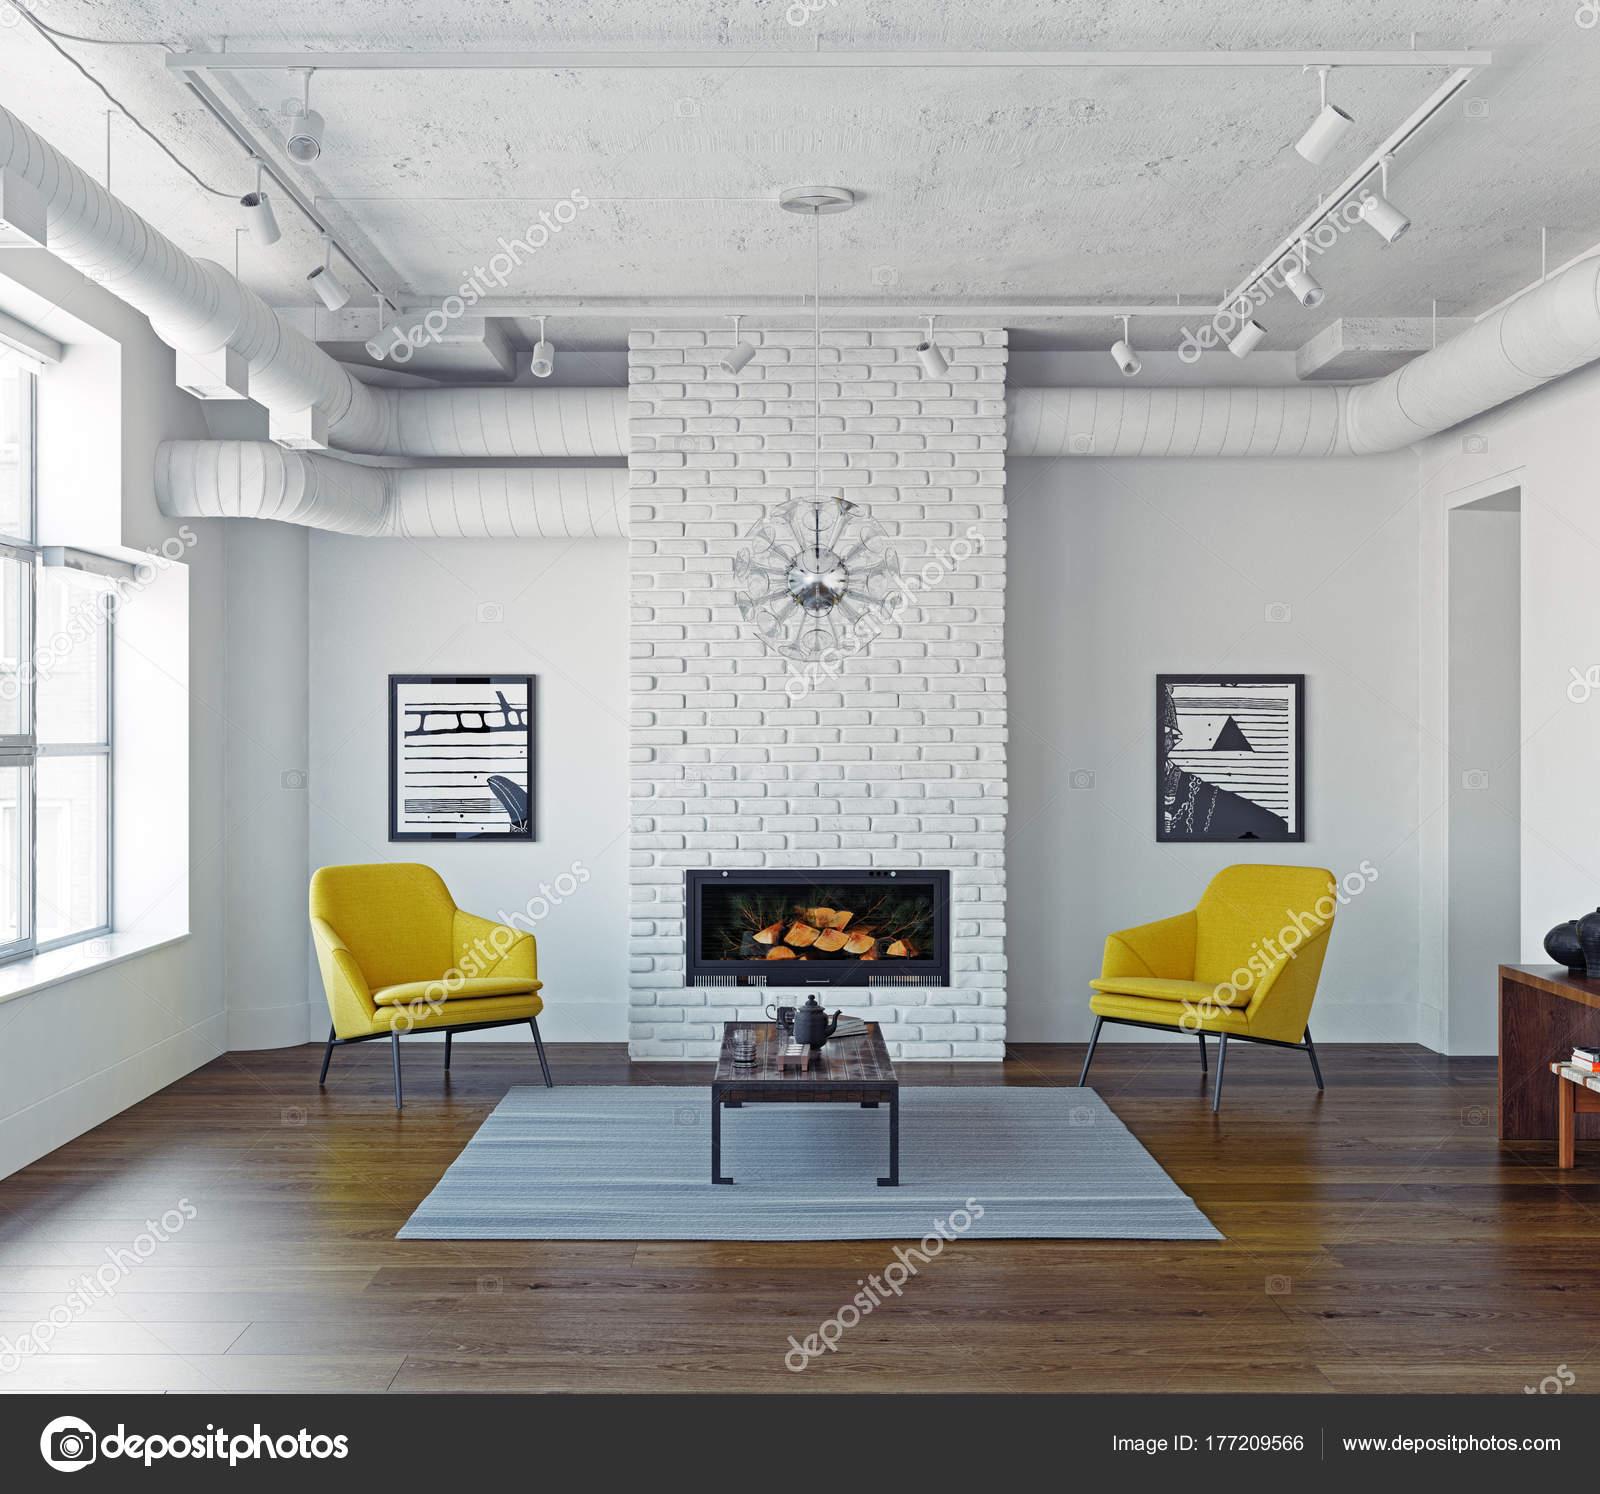 Moderne Wohnzimmer Interieur Mit Gelben Stühlen Und Kamin Rendering U2014  Stockfoto